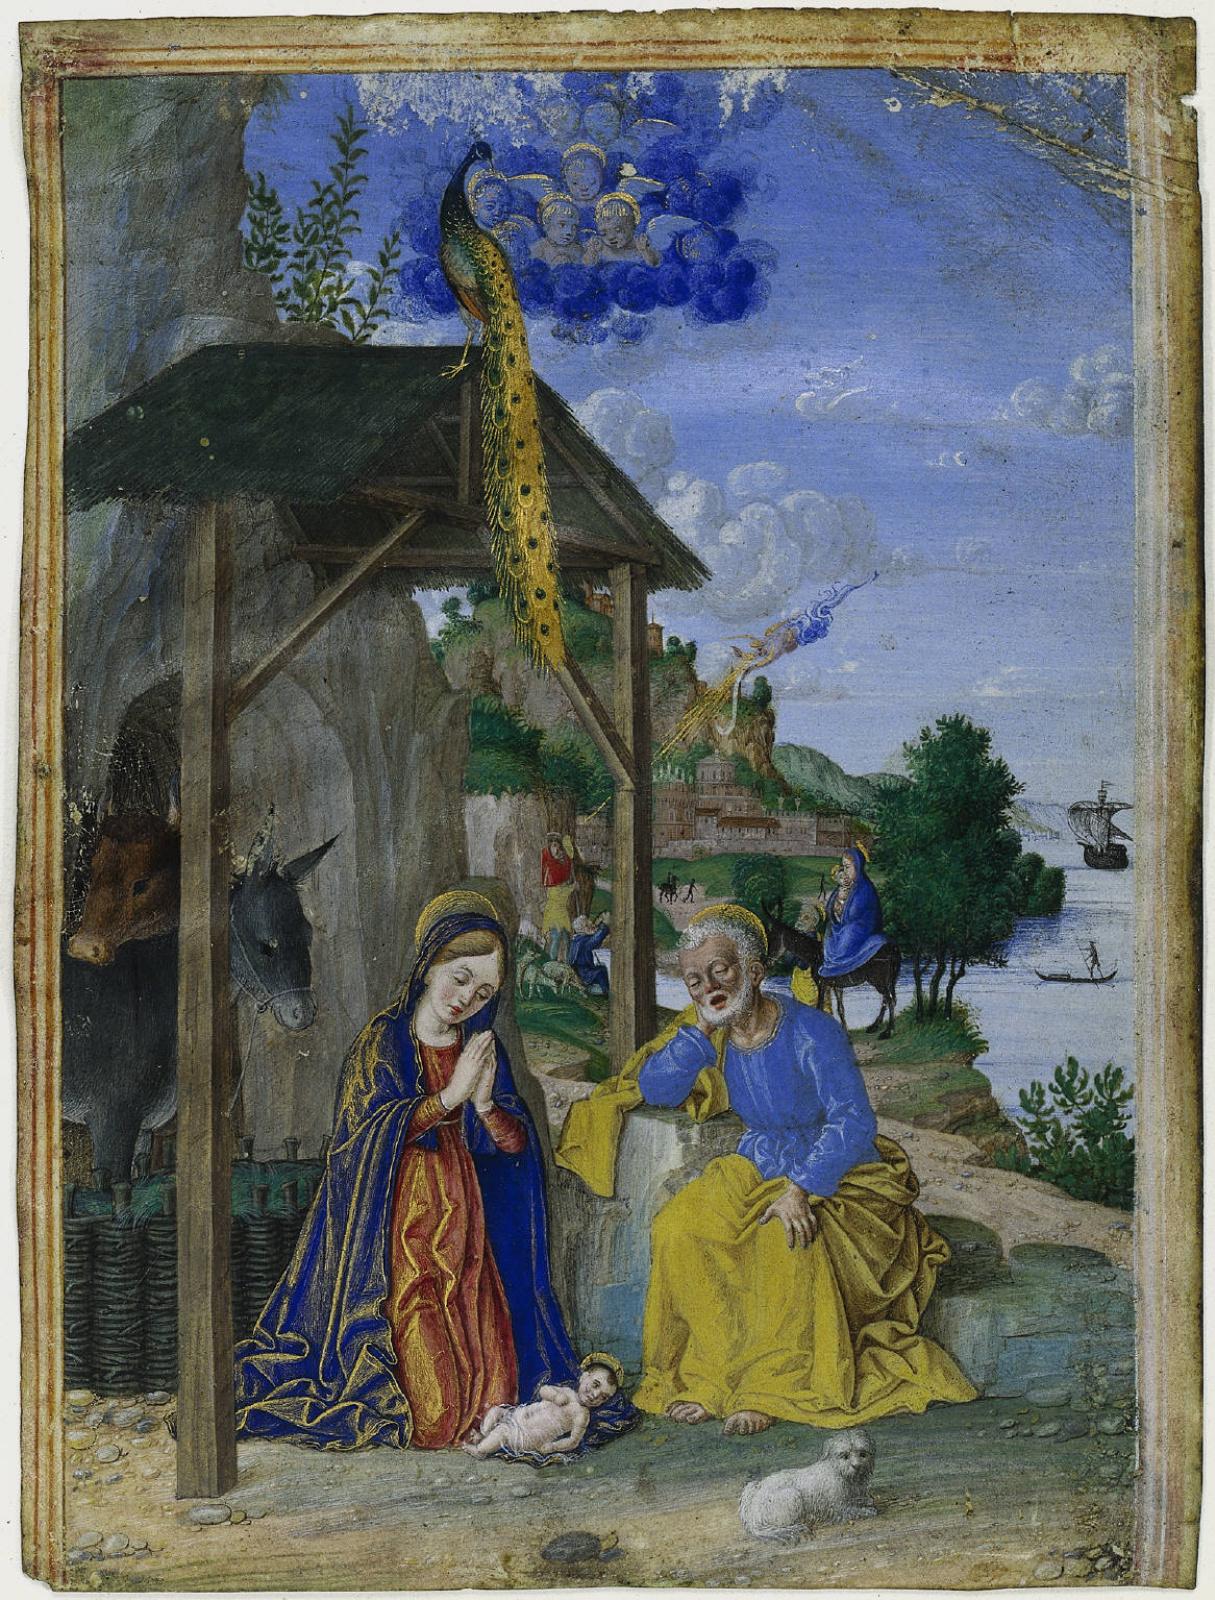 Джироламо даи Либри (Girolamo dai Libri). Nativity